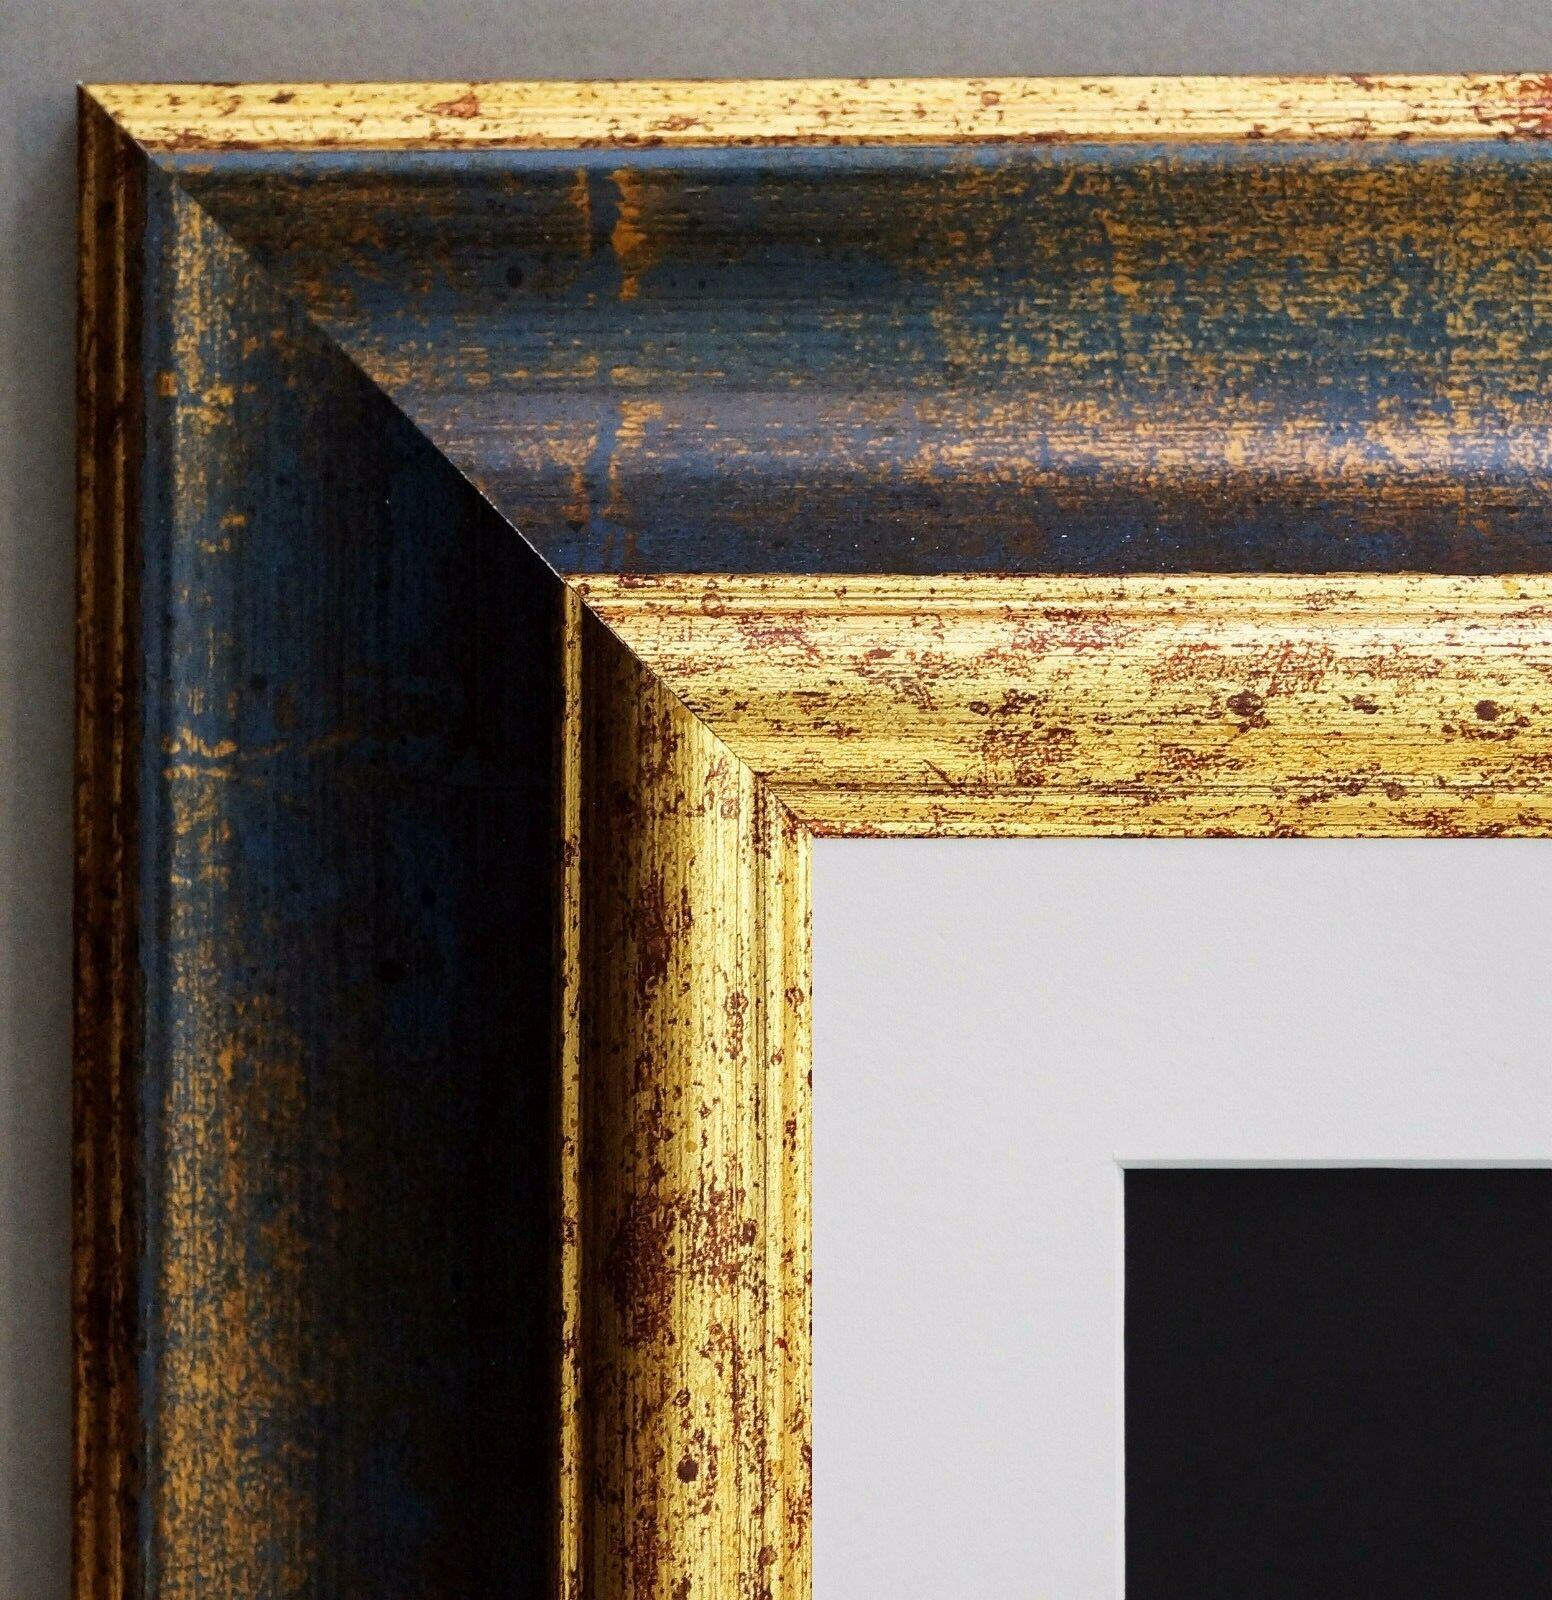 Bilderrahmen Acta Gold Antik gemasert mit Passepartout Weiss 6,7 alle Größen